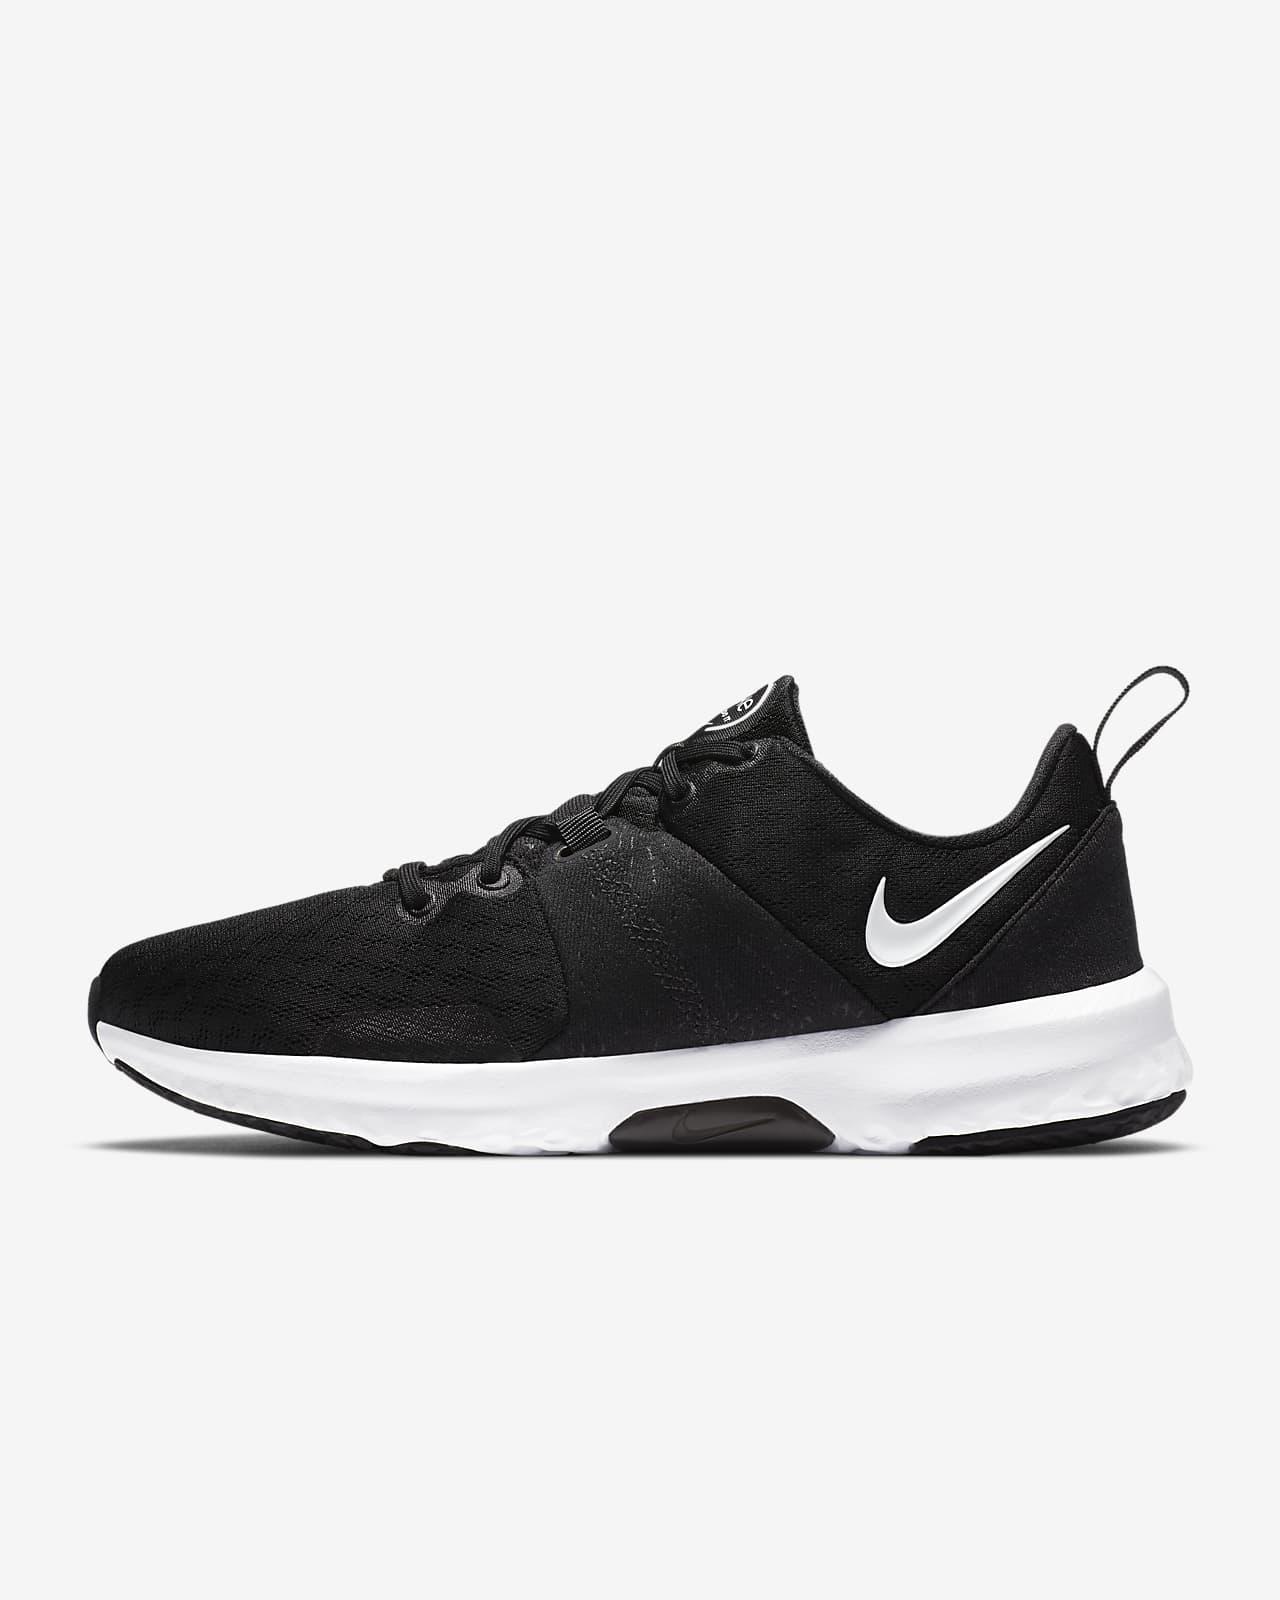 Chaussure de training Nike City Trainer 3 pour Femme